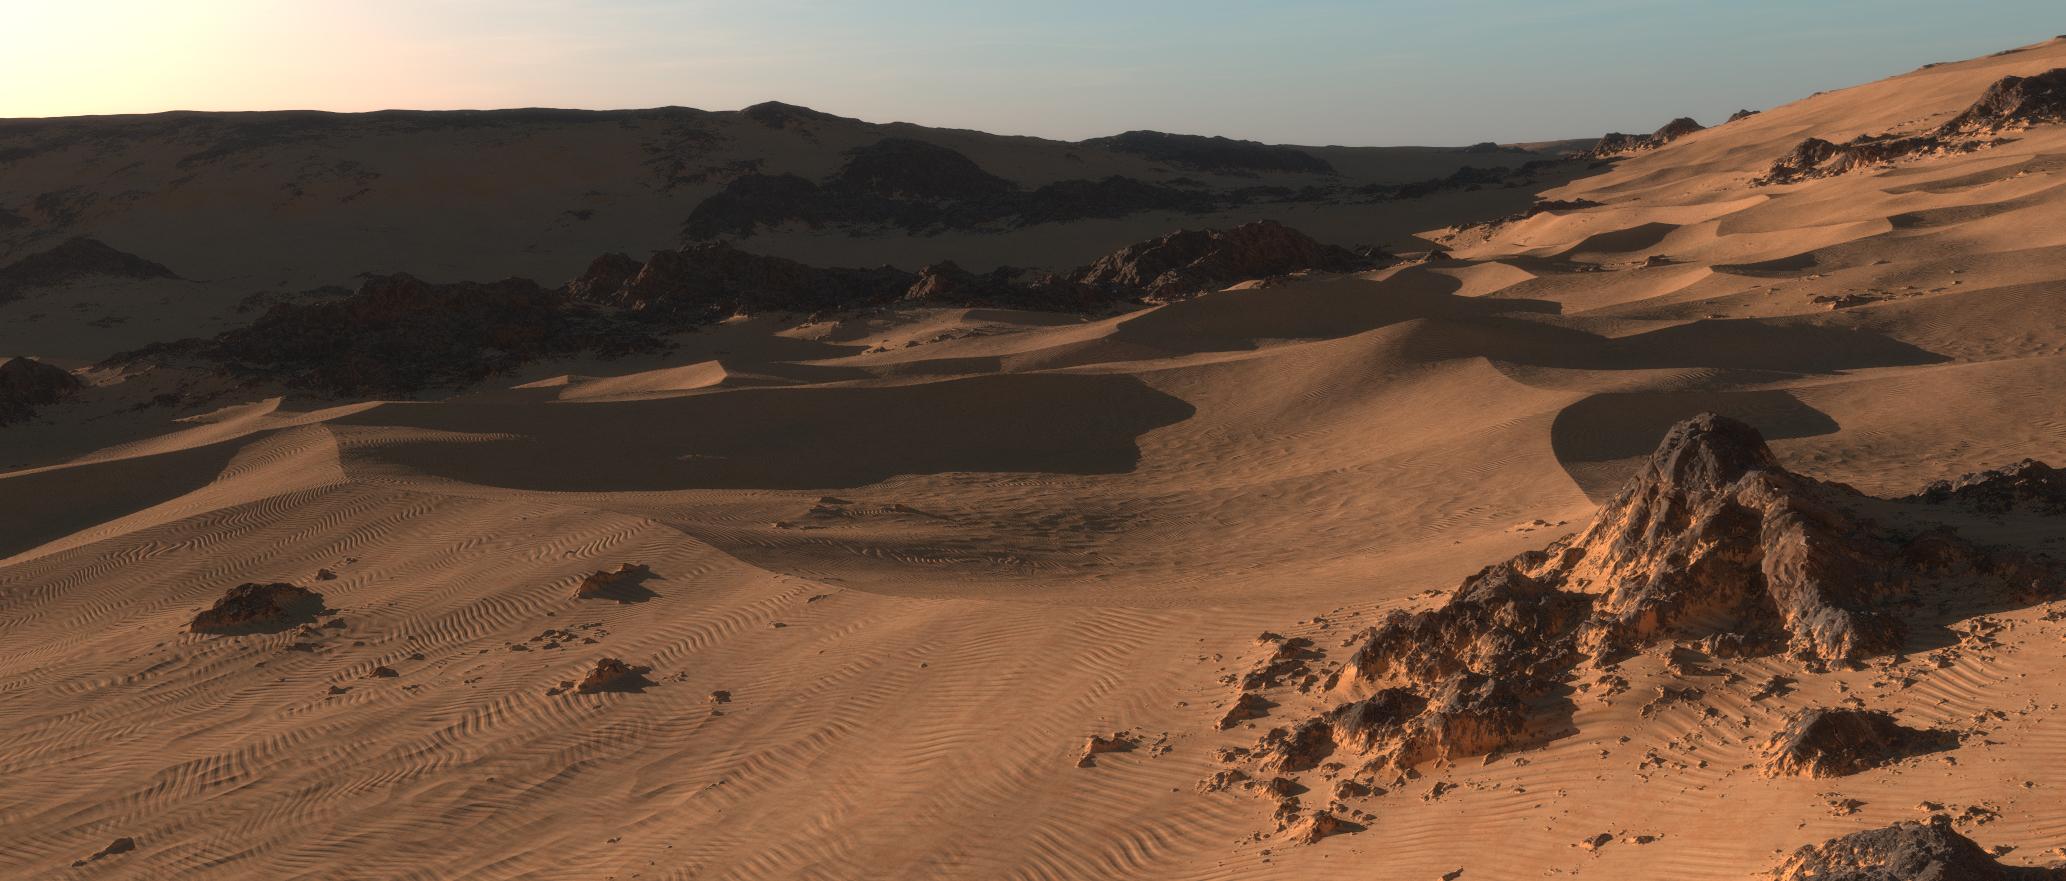 NY_desert21b.jpg